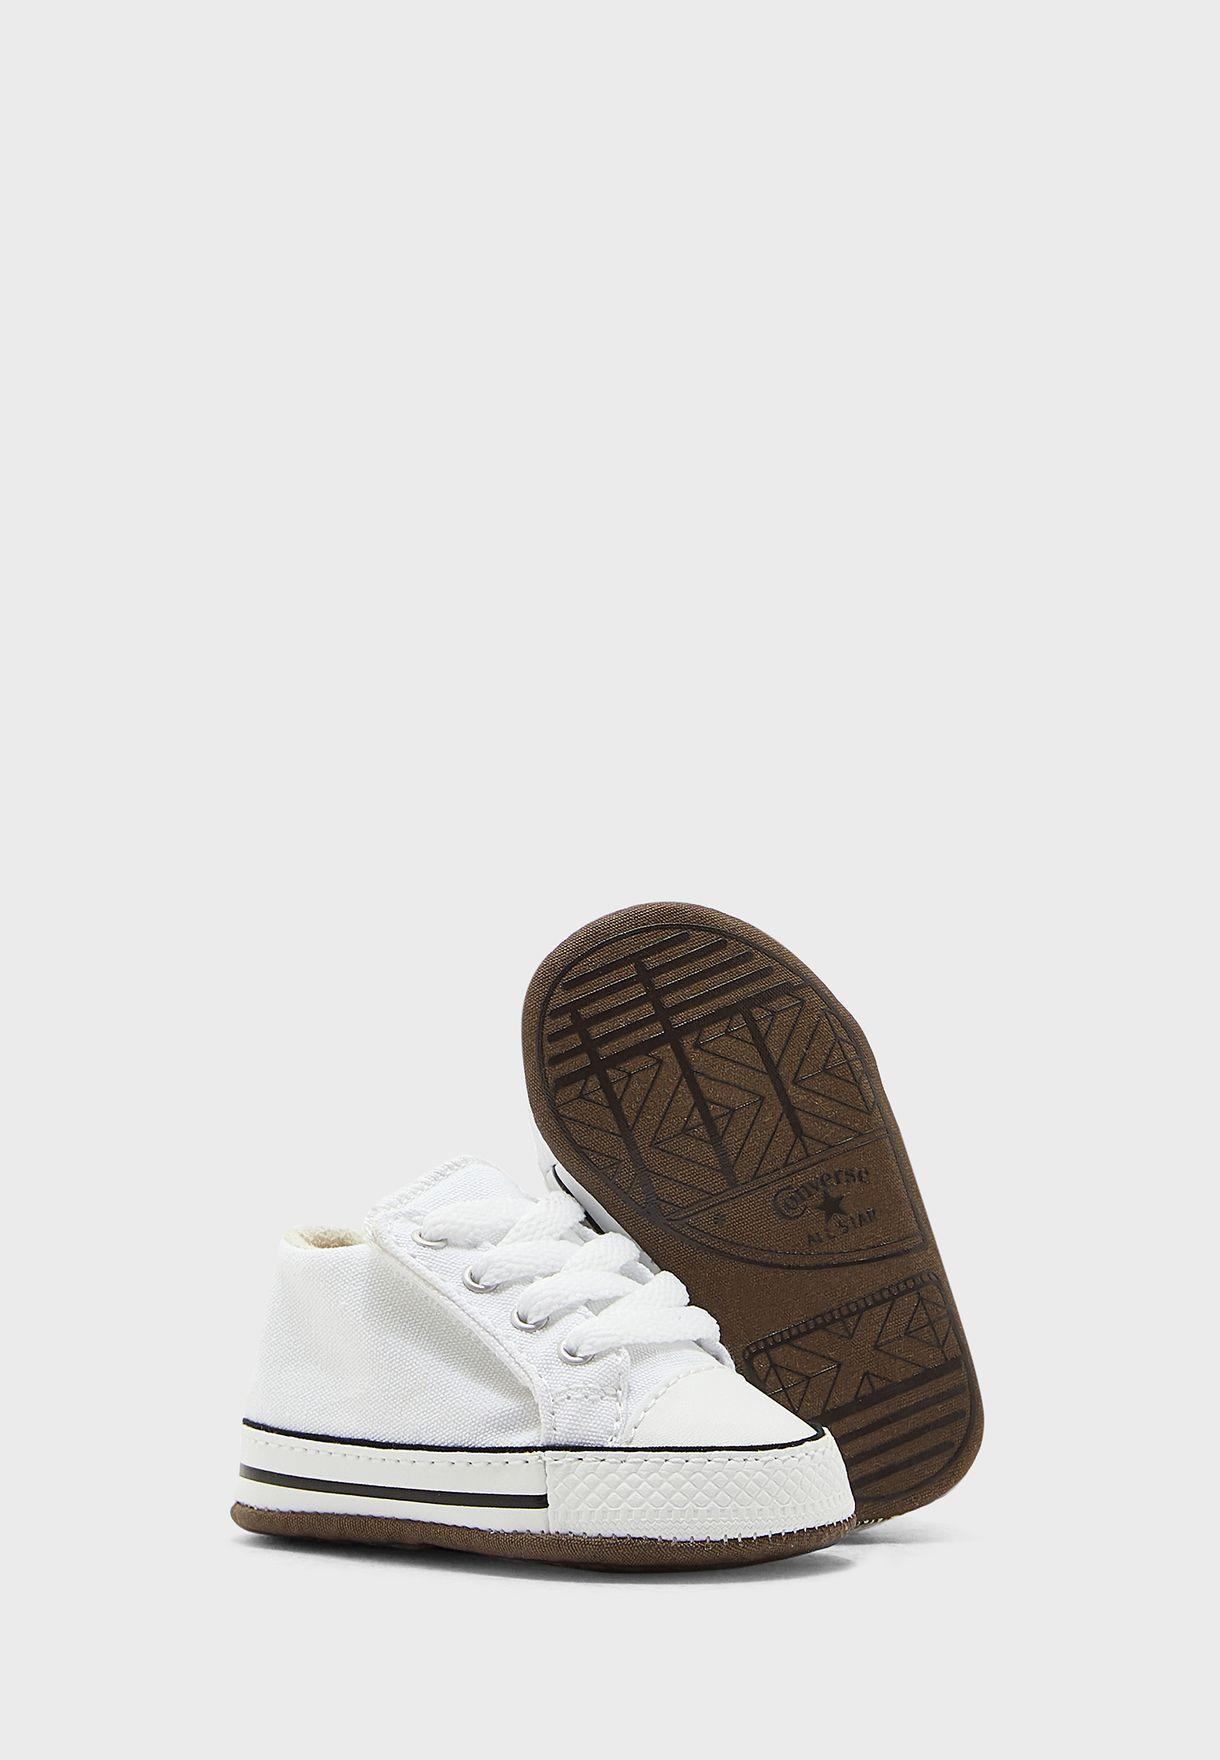 حذاء تشاك تايلور اول ستار للبيبي